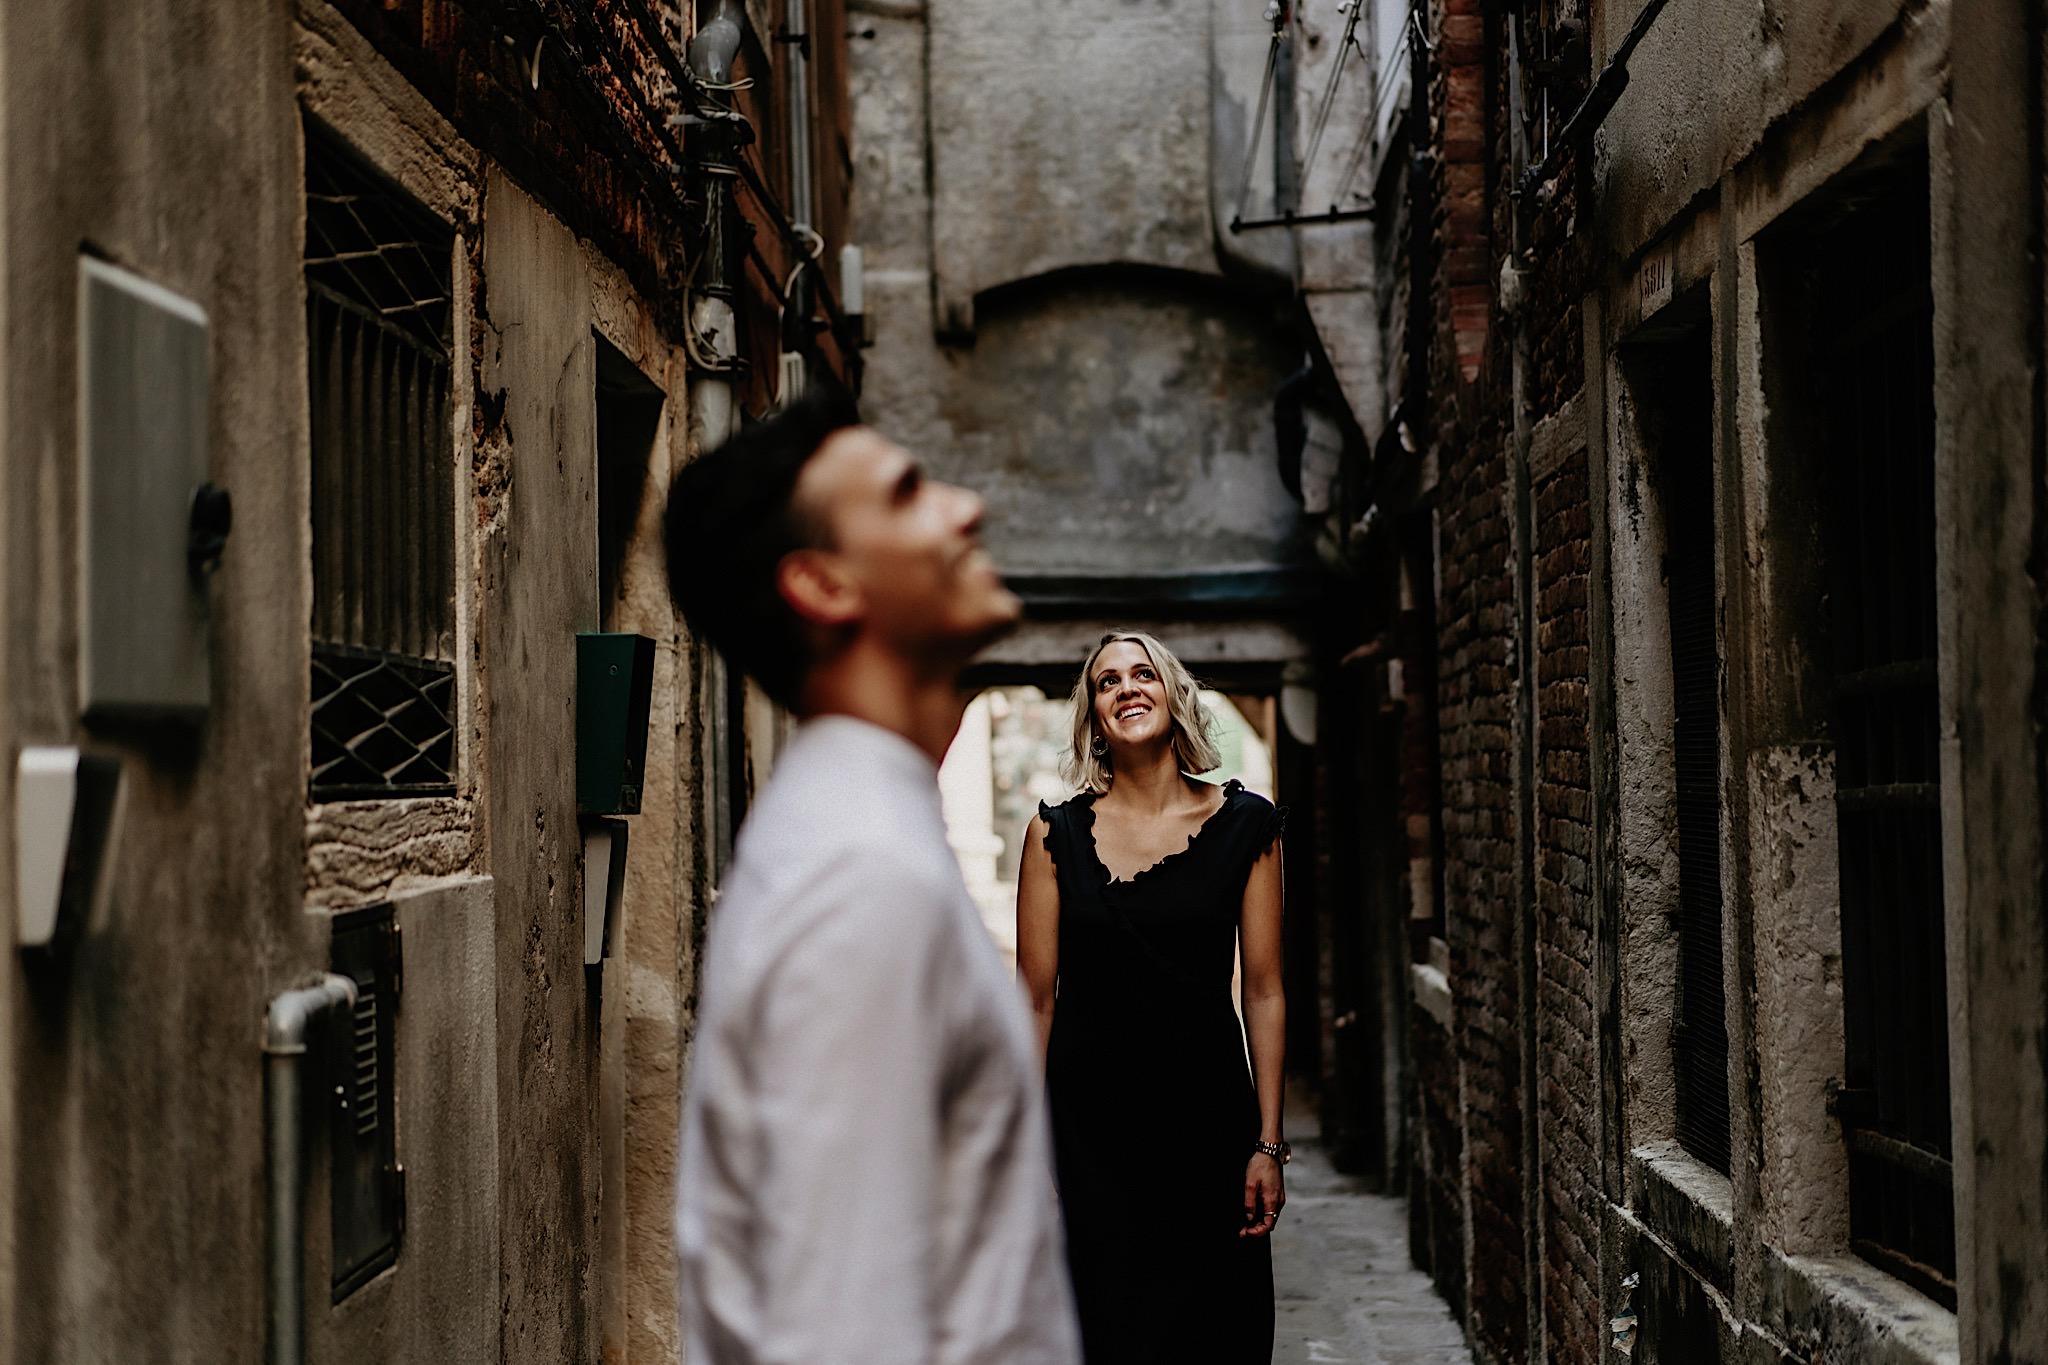 05_venezia_tramonto_matrimonio_proposta